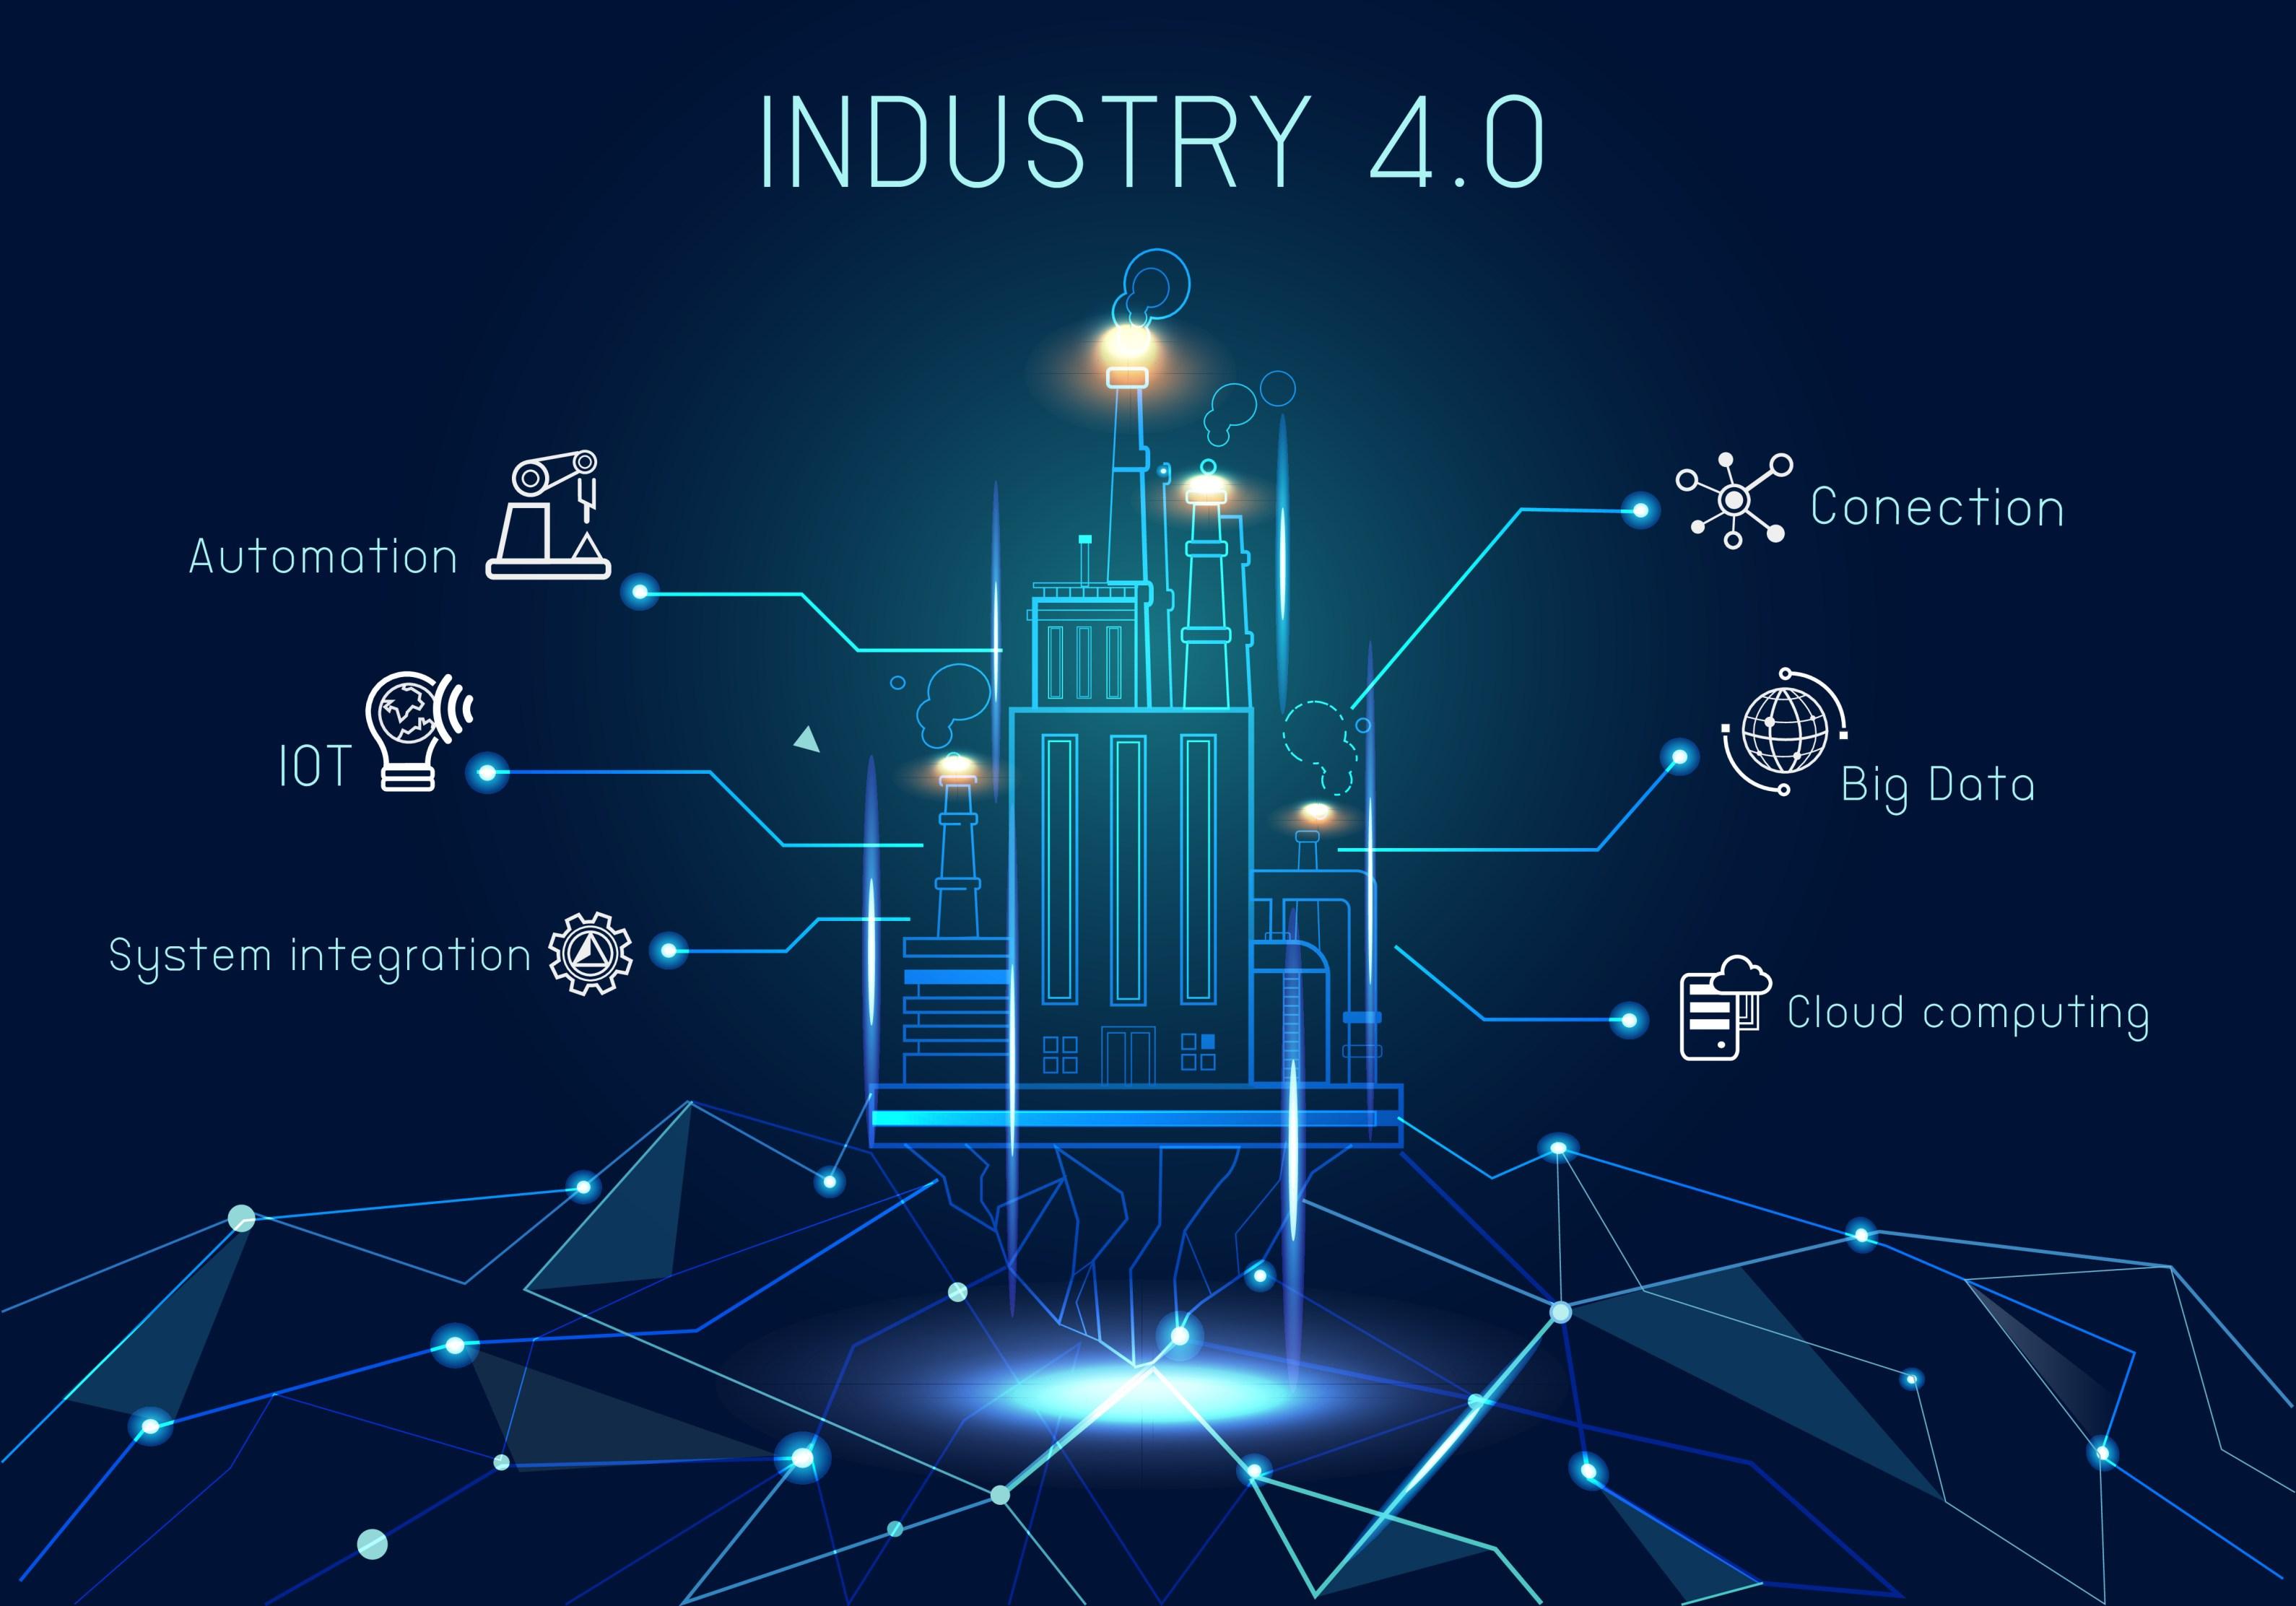 Industrie-4.0.jpg?w=3180&ssl=1 3180w-1